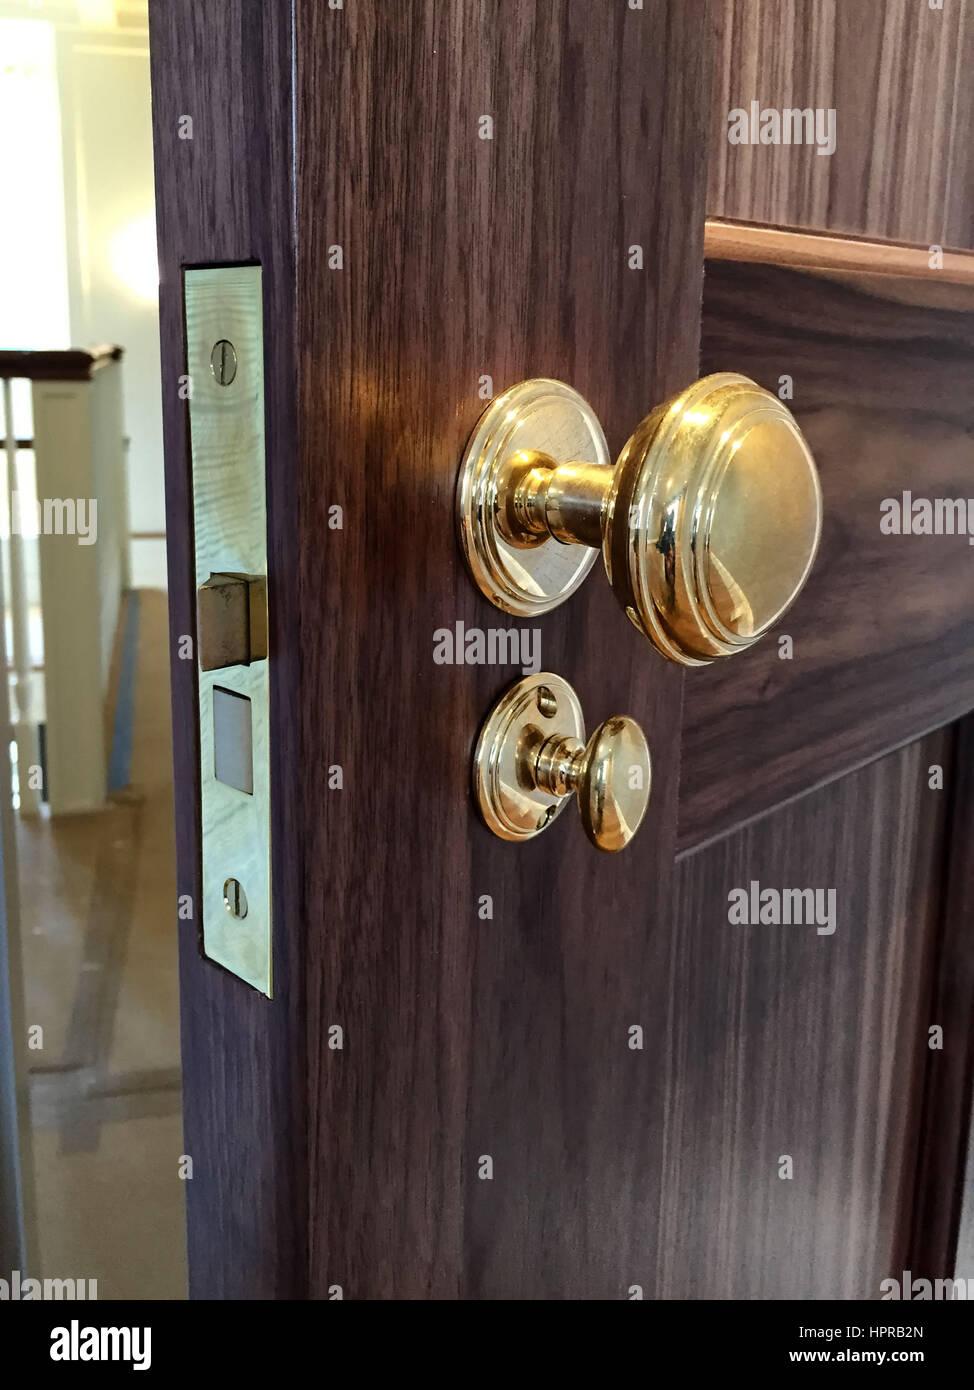 Brass Doorknob On Dark Wood Door